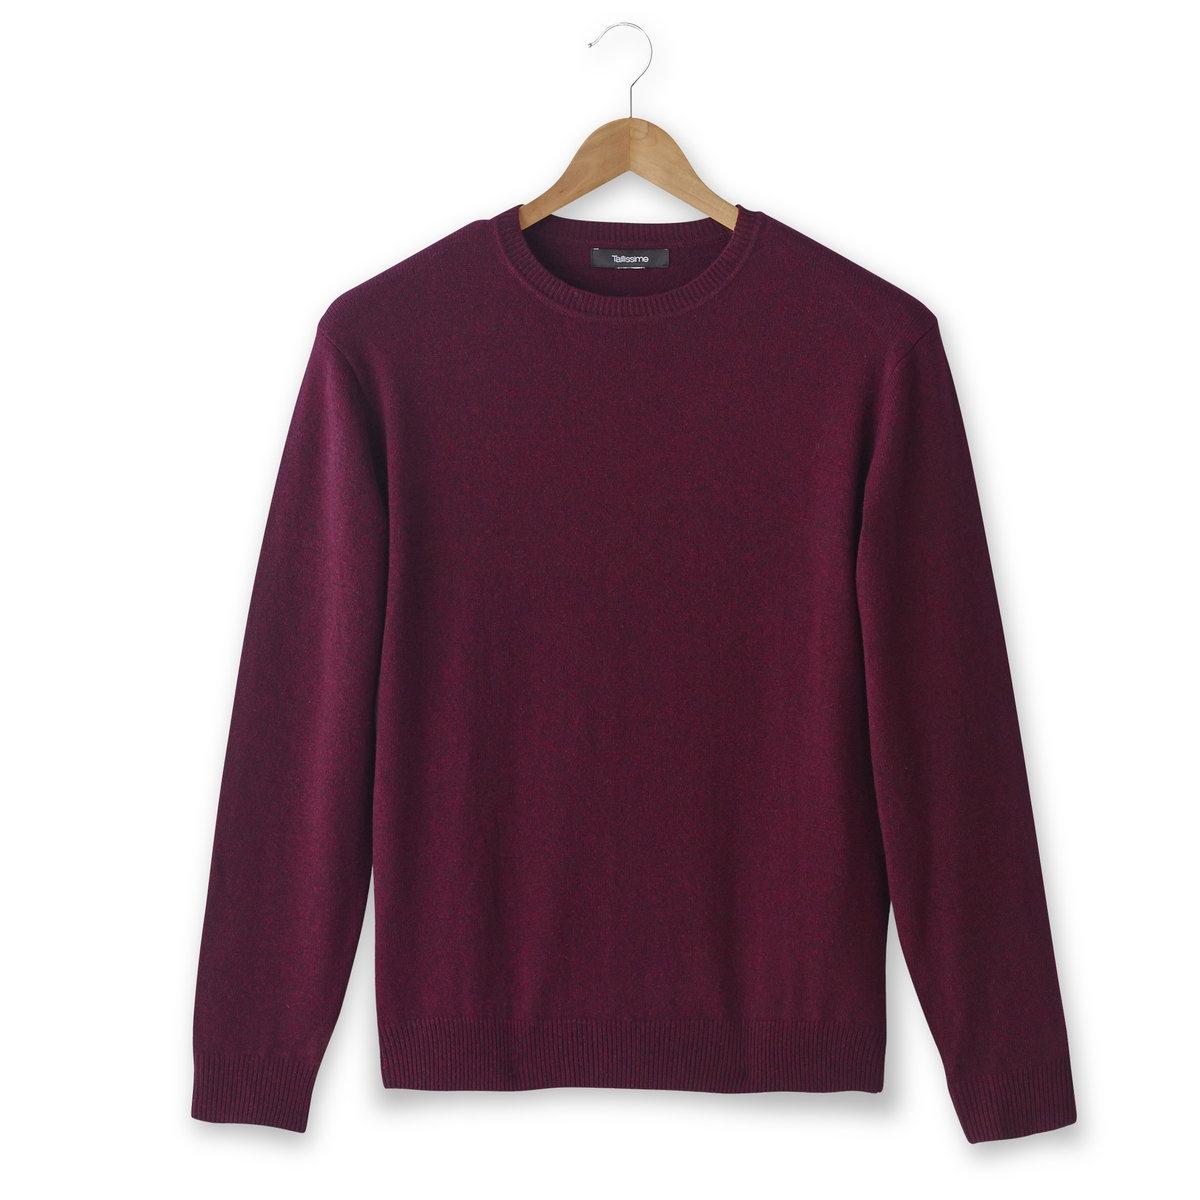 Пуловер, 50% шерстиТовар из коллекции больших размеров. Незаменимый базовый пуловер из шерсти ягненка! Круглый вырез. Чуть уменьшенные проймы. Края связаны в рубчик. Мягкий и теплый трикотаж, 50% шерсти ягненка, 50% полиамида. Длина 73 см. Обратите внимание, что бренд Taillissime создан для высоких, крупных мужчин с тенденцией к полноте. Чтобы узнать подходящий вам размер, сверьтесь с таблицей больших размеров на сайте.<br><br>Цвет: бордовый меланж<br>Размер: 58/60